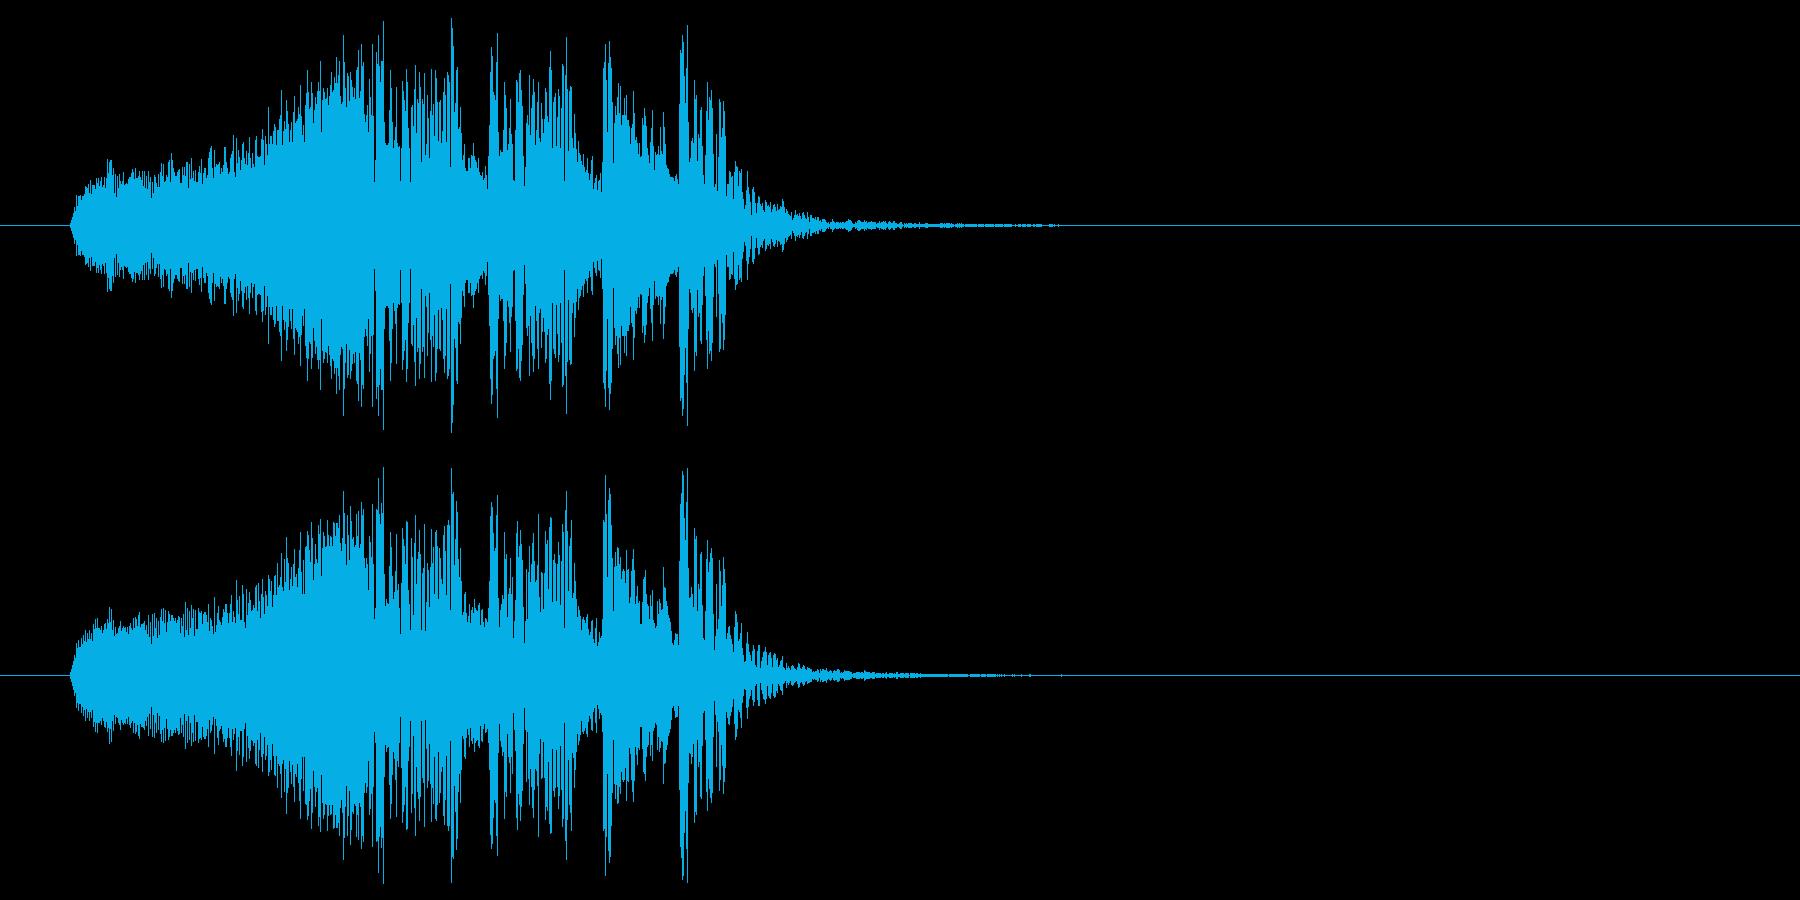 疾走感溢れる高速ビートジングルの再生済みの波形